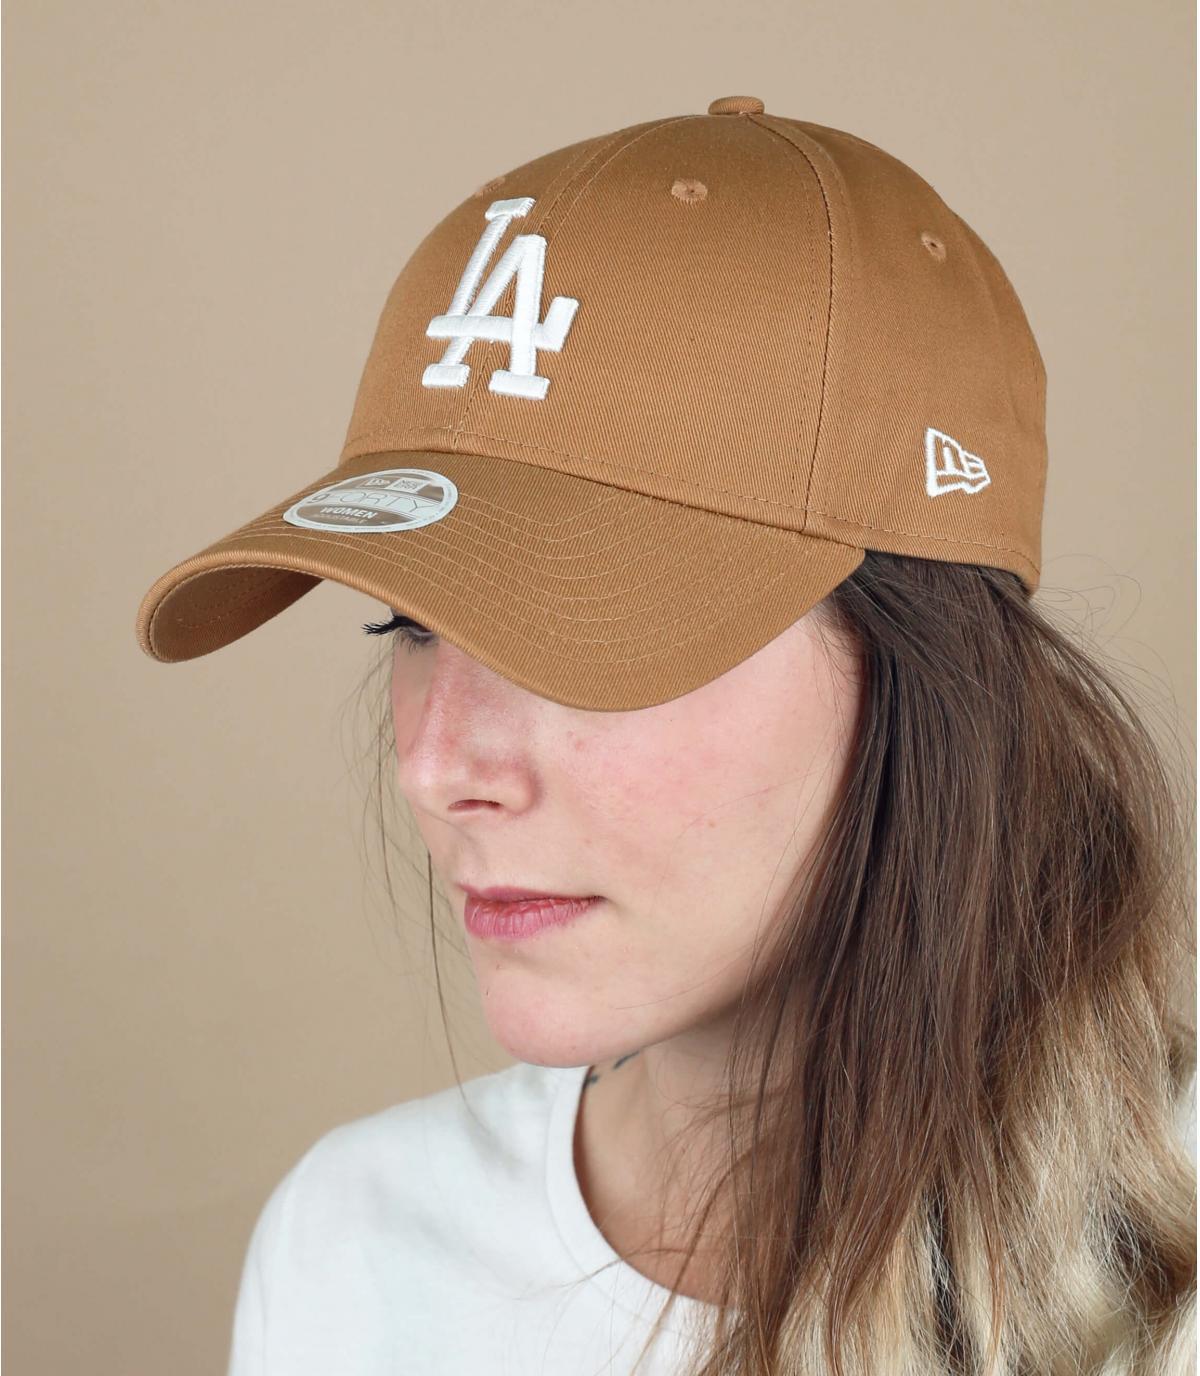 cappellino LA da donna beige